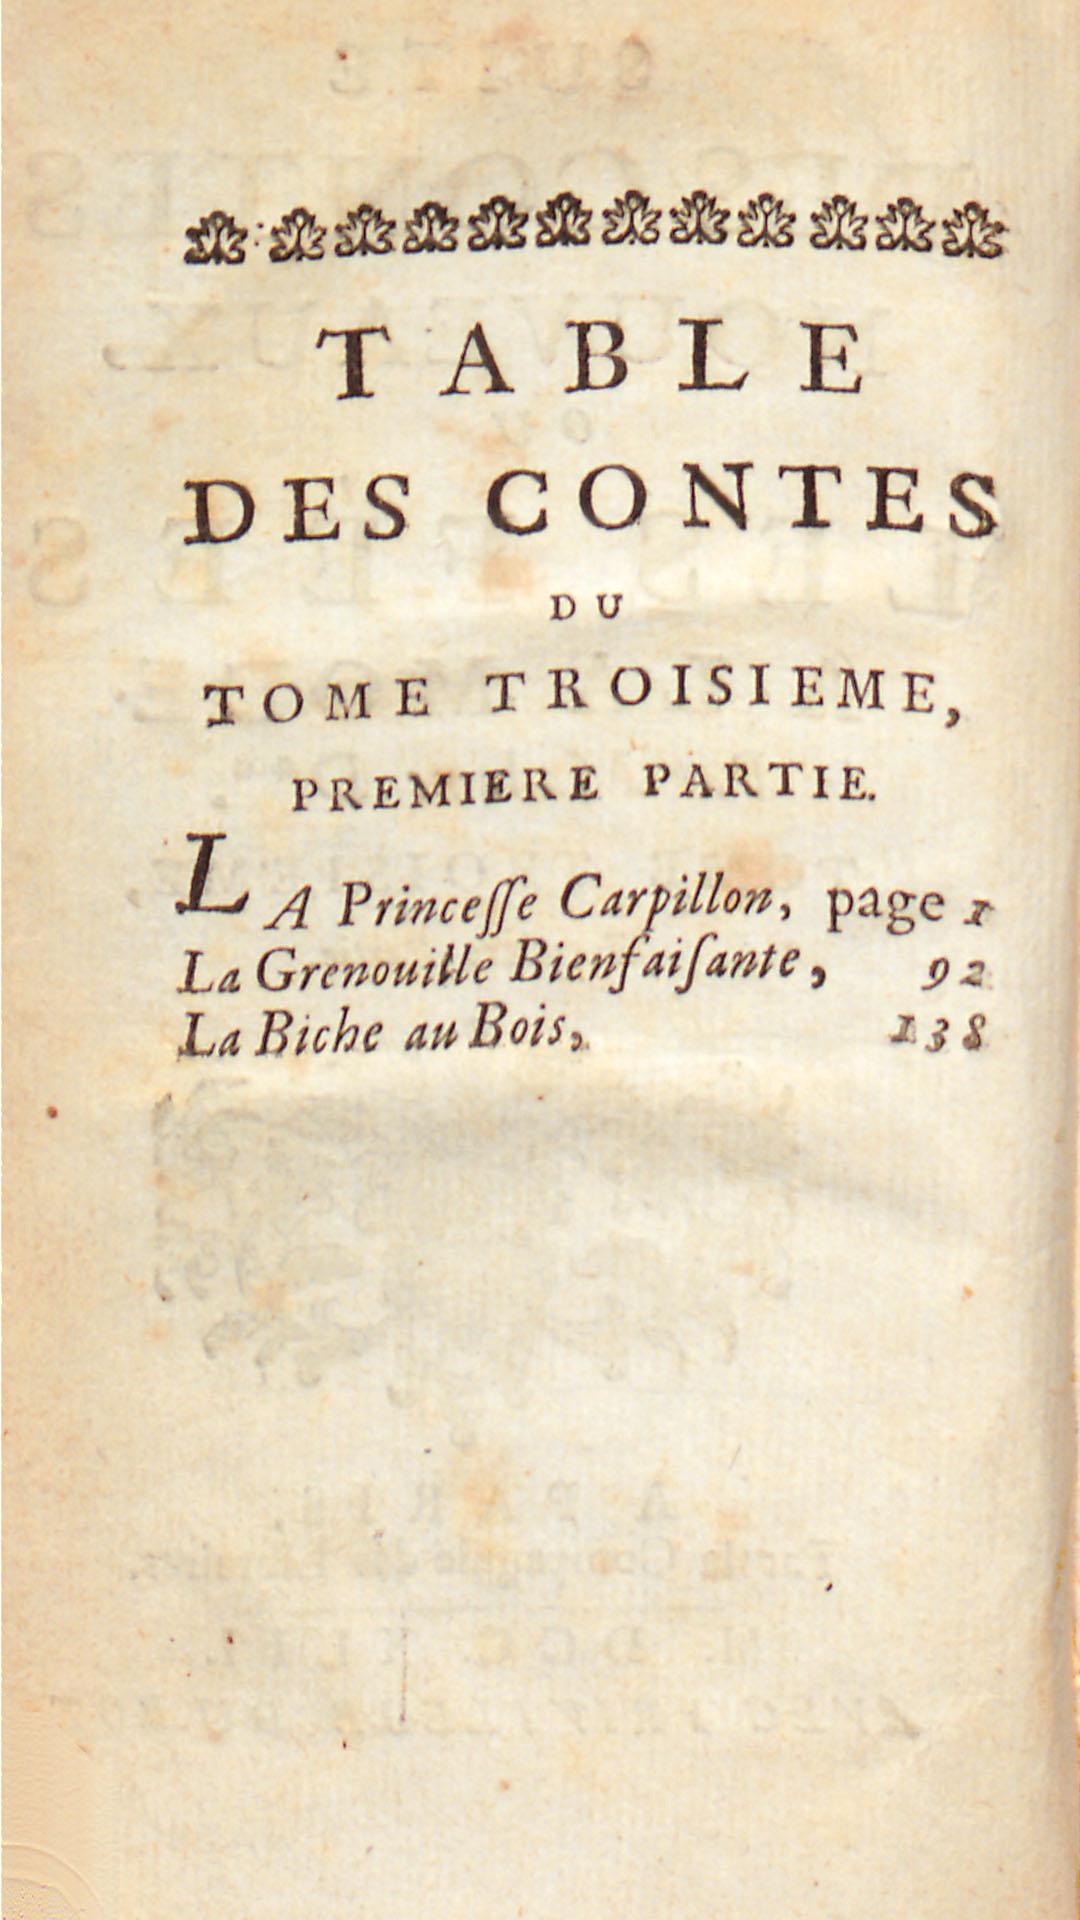 Table des contes, tome troisième, première partie